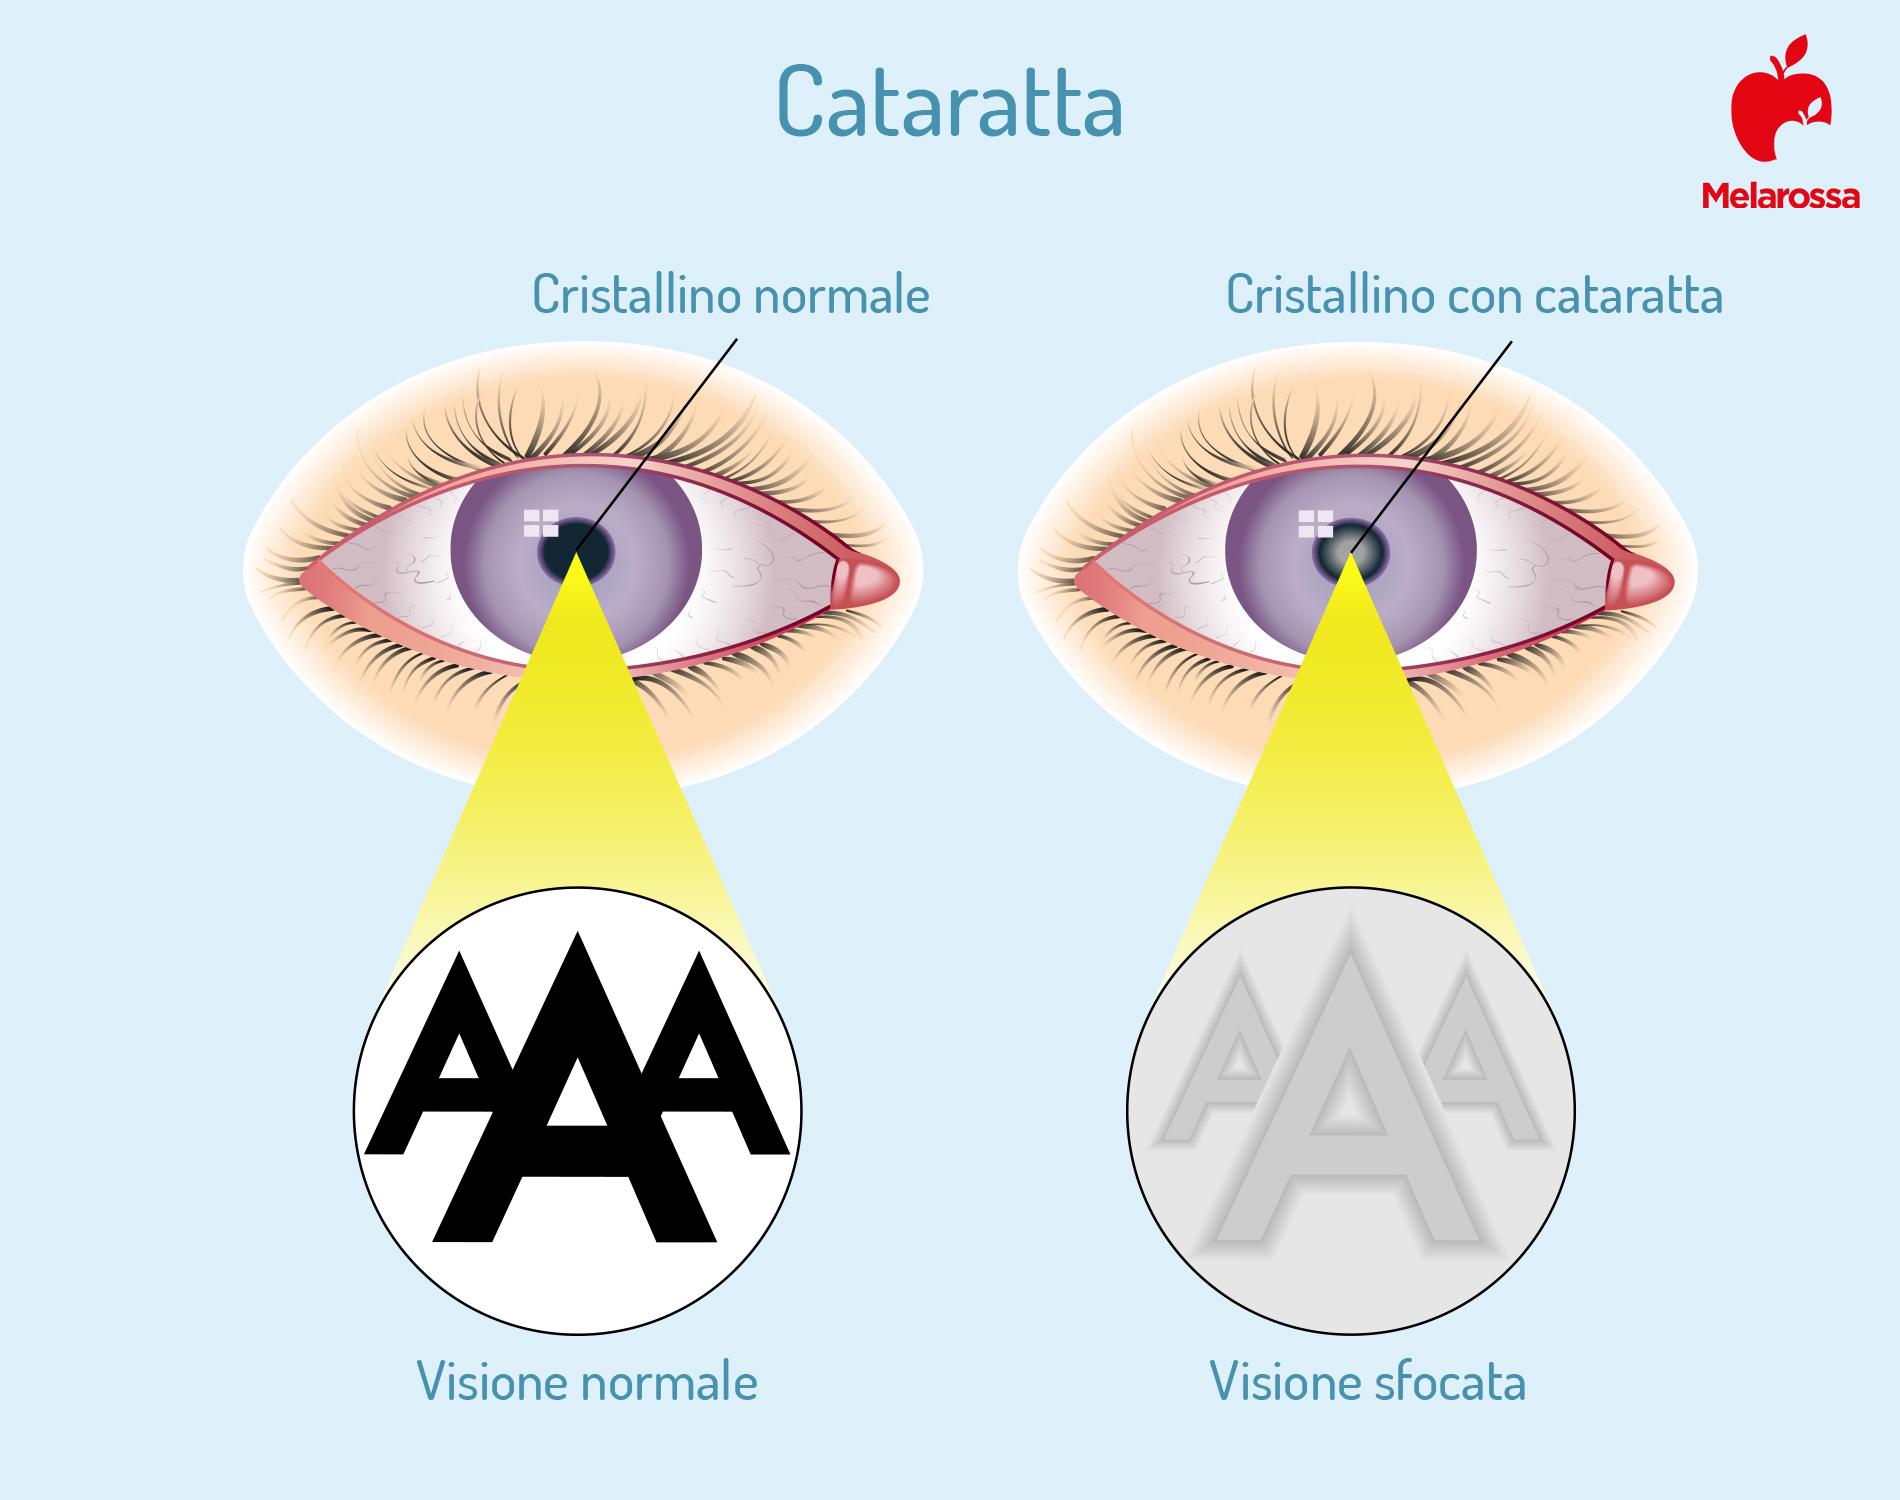 cataratta: cosa succede all'occhio